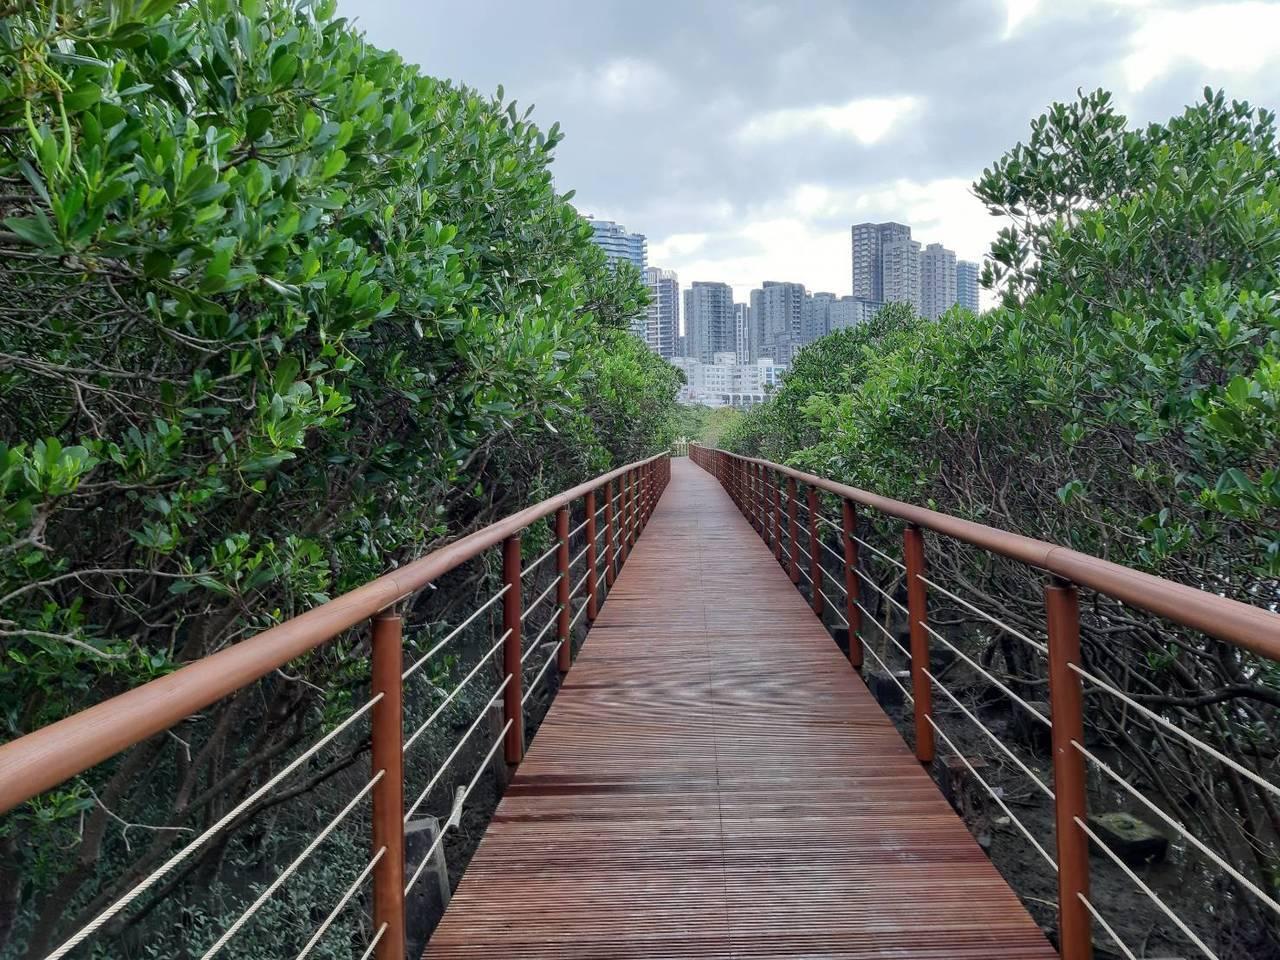 紅樹林木棧步道今年初因河口潮汐沖刷,嚴重損毀與歪斜,羅東林區管理處整修後,今天宣...